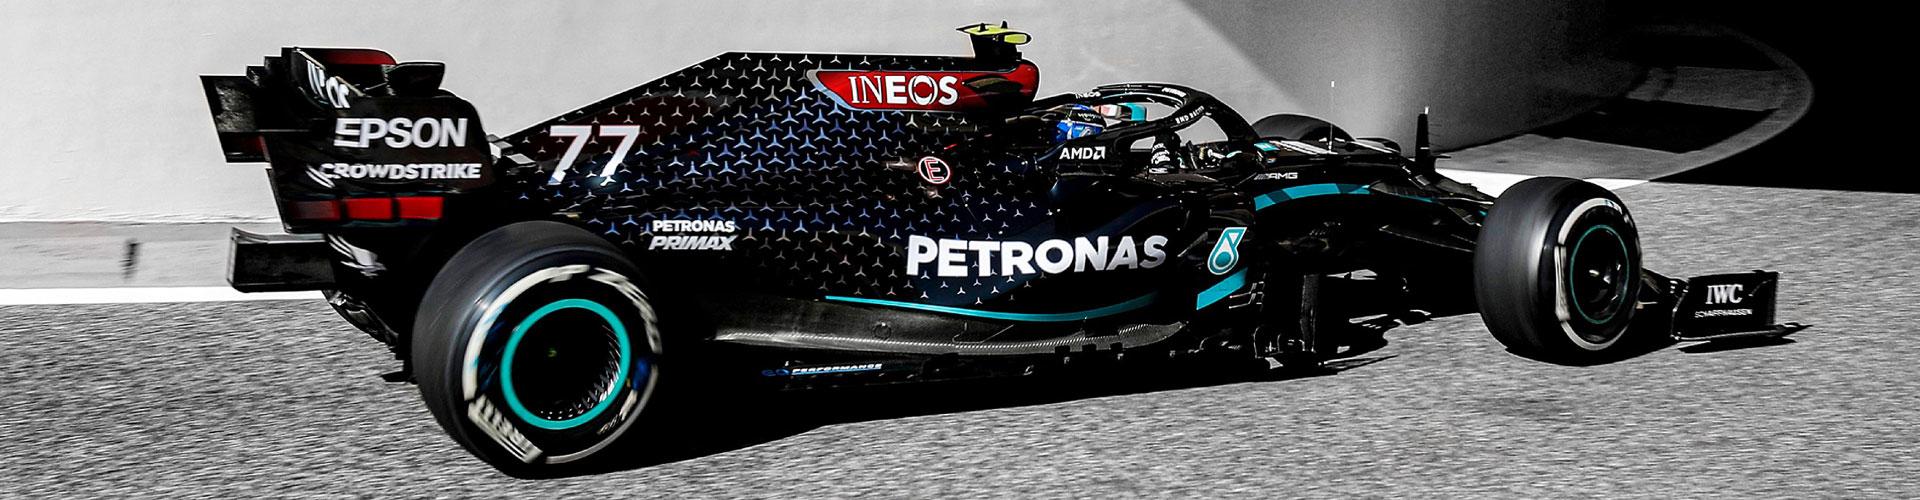 Avantgarde Selenit Petronas F1